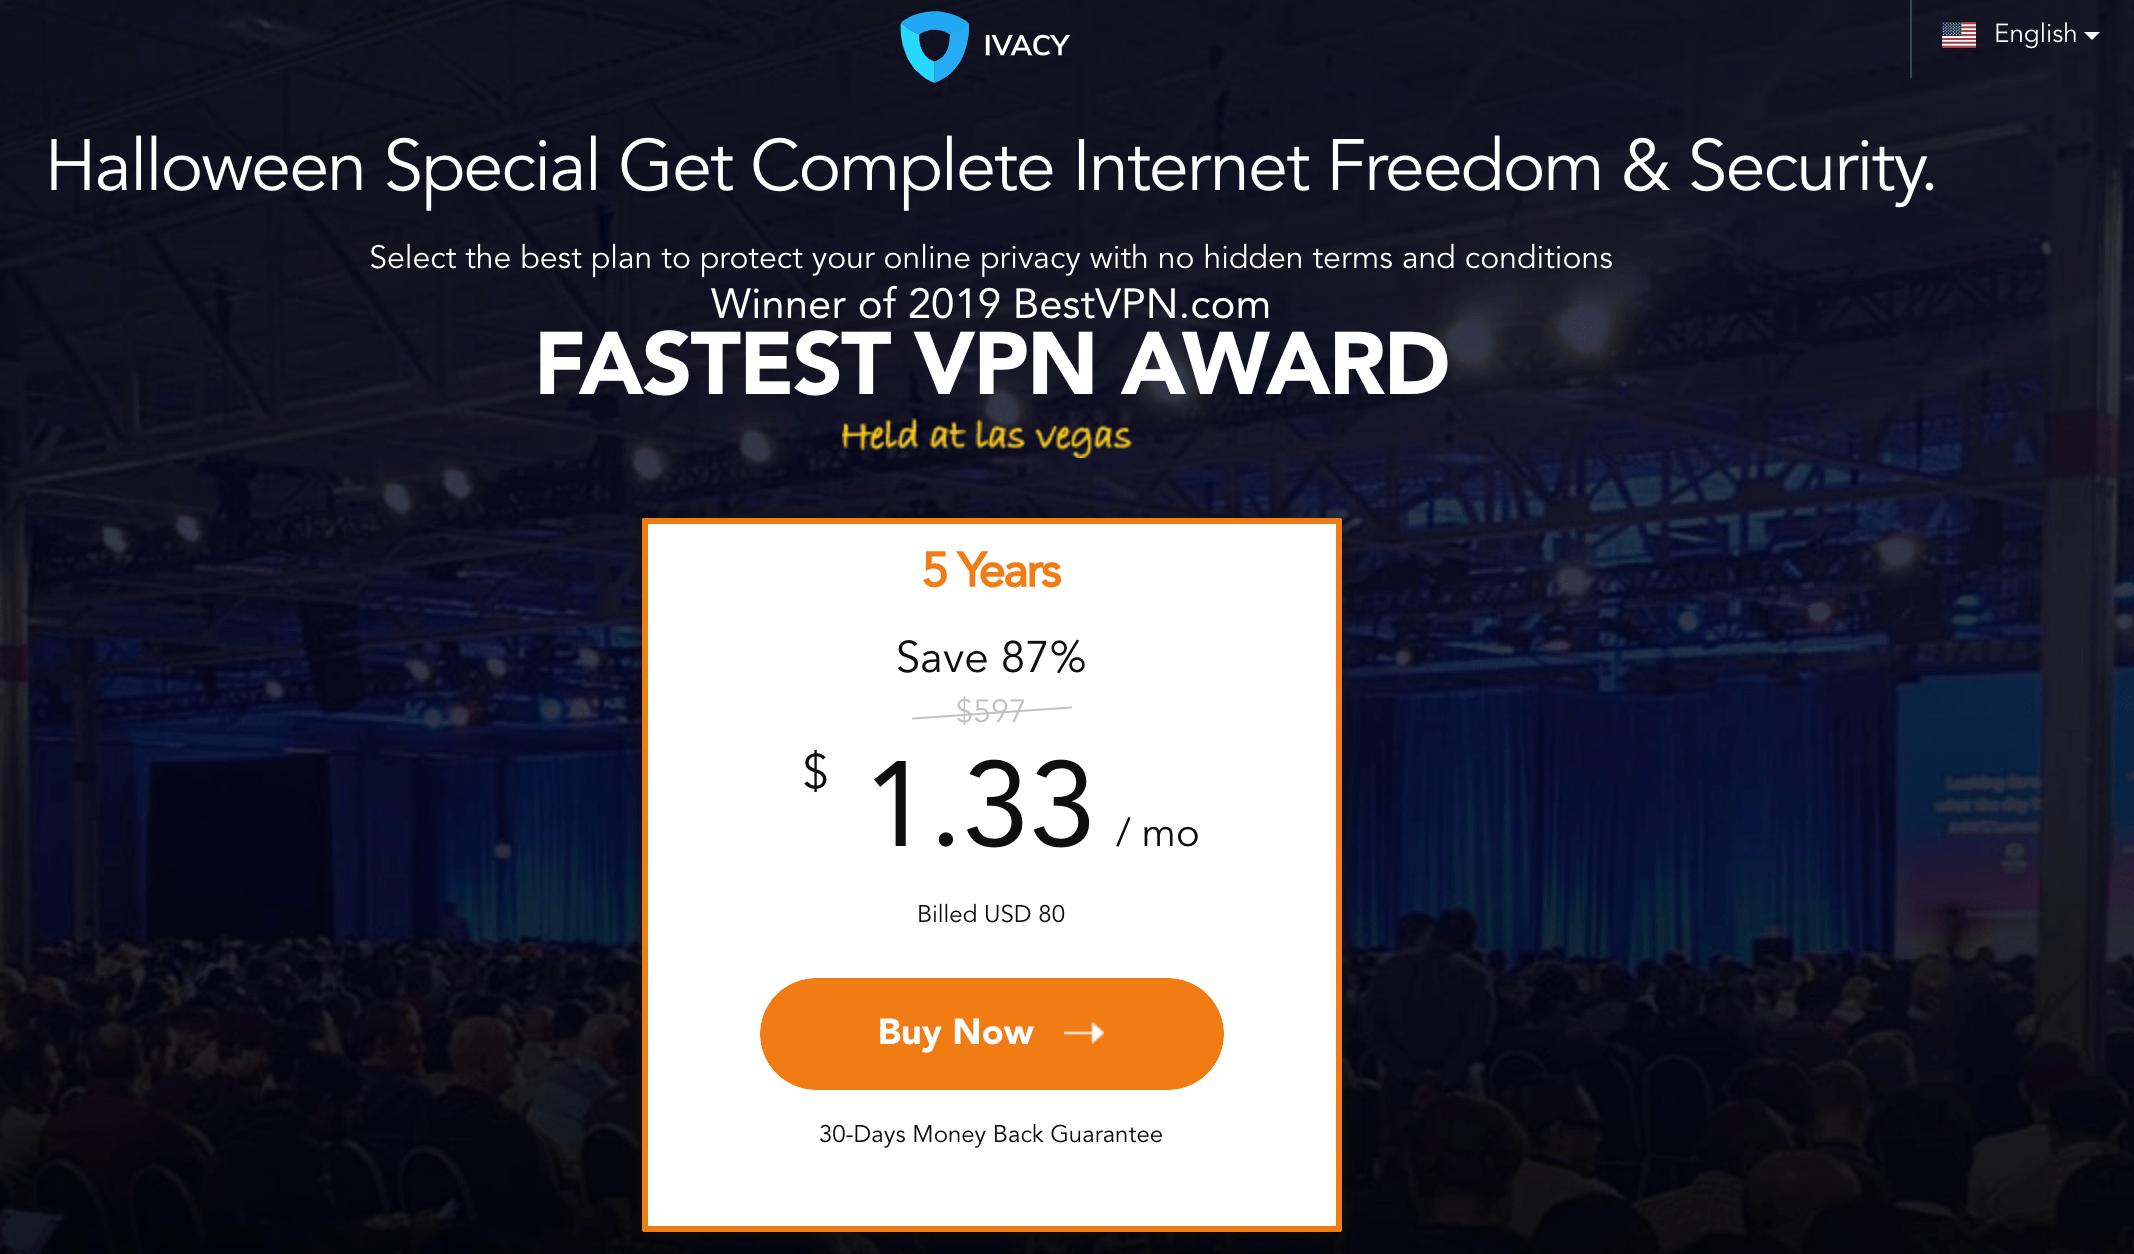 VPN into China-Get a China IP Address, Watch China